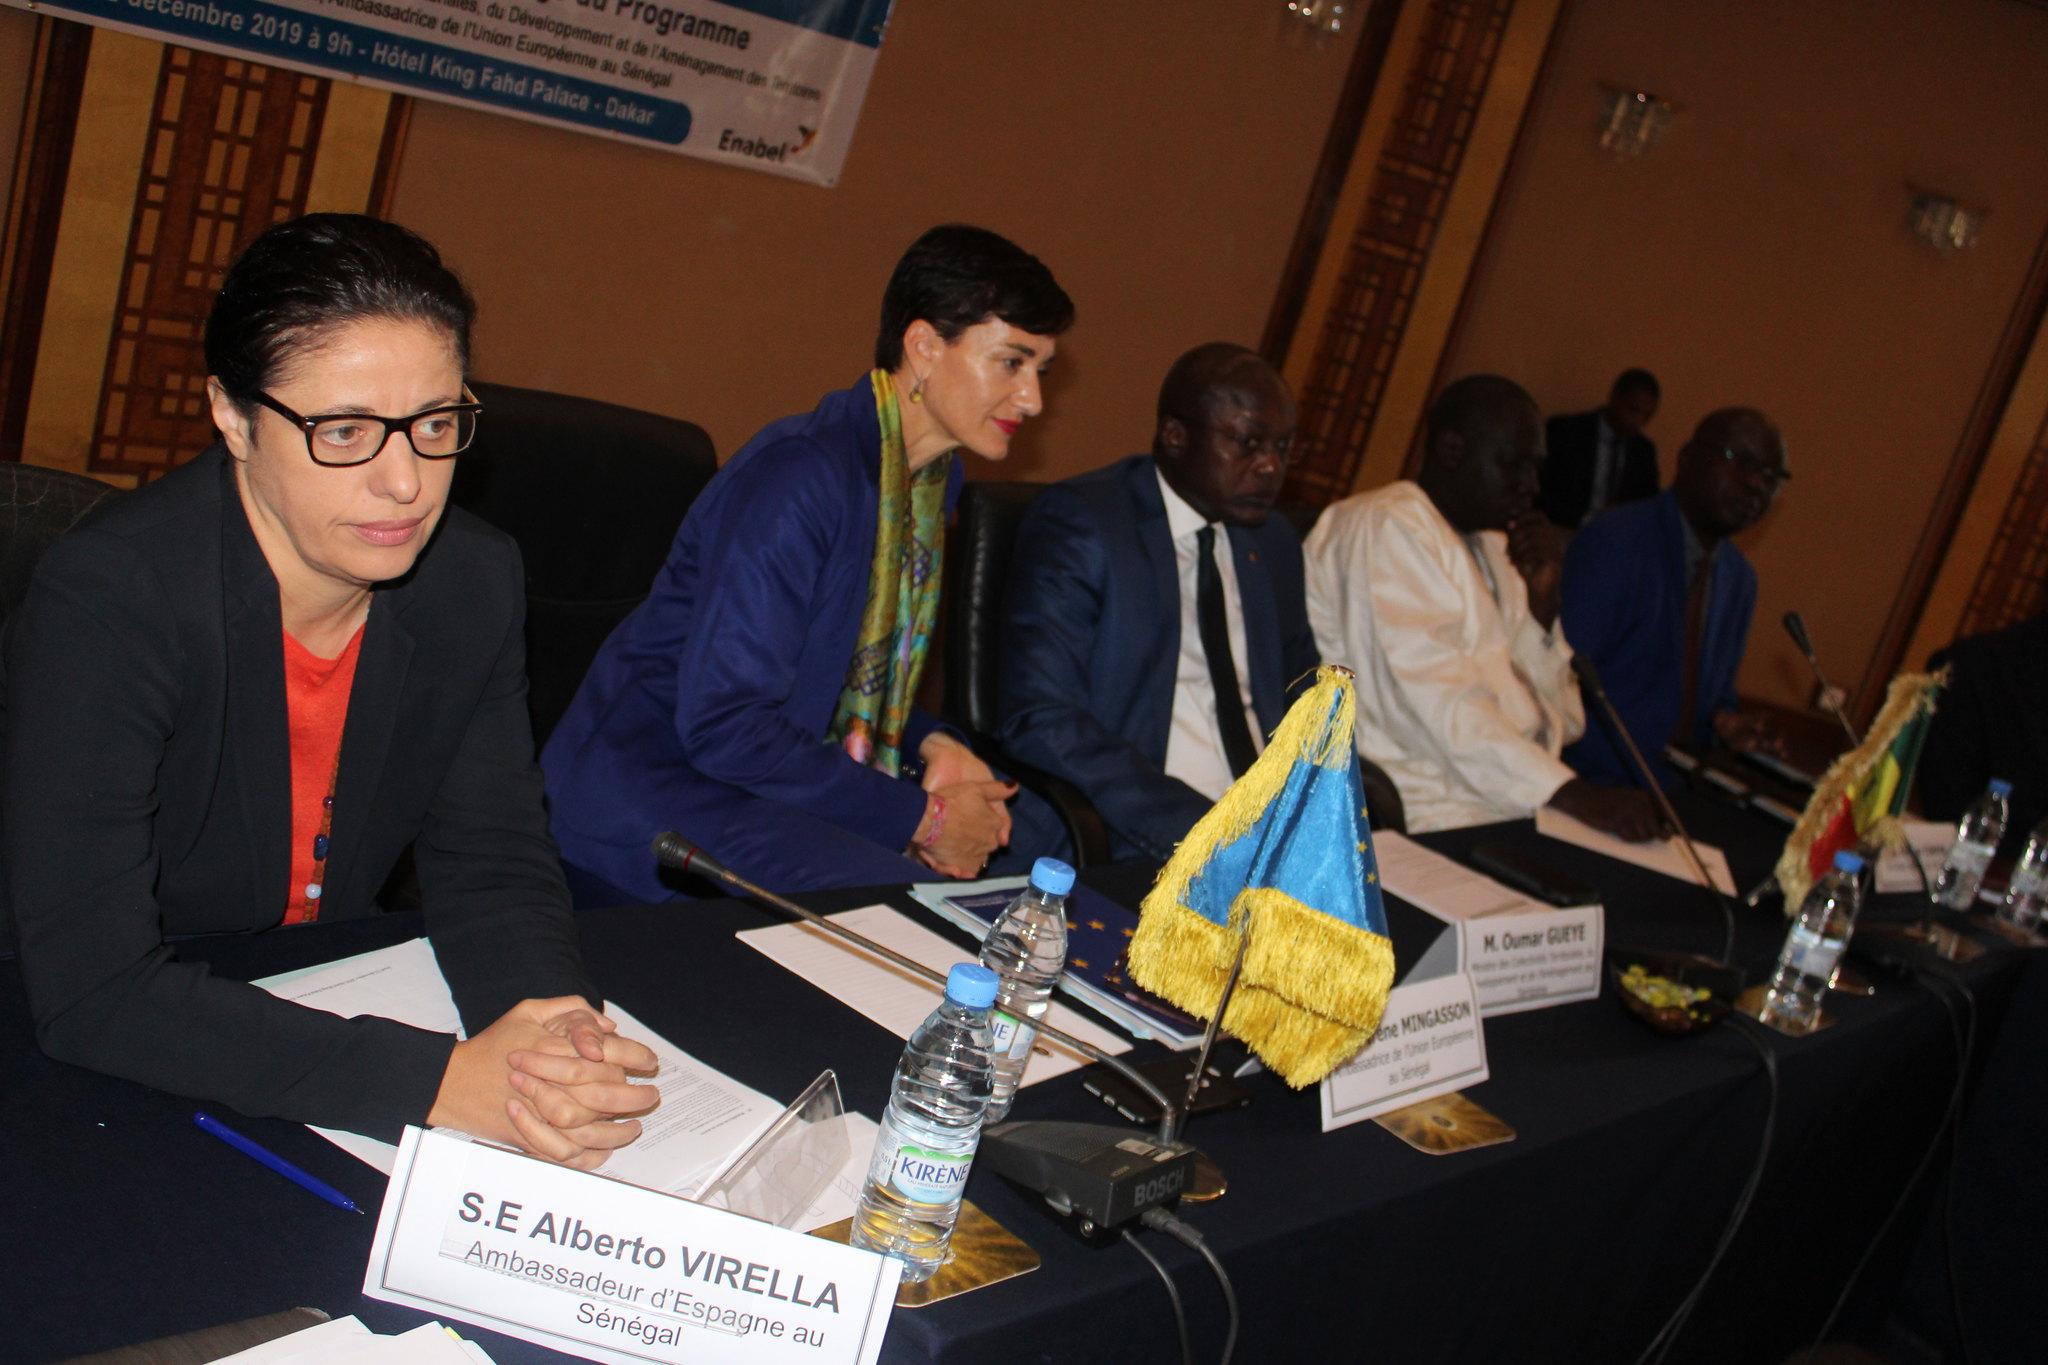 Programme Direction Etat Civil, Modernisation de l'Etat Civil au Sénégal, Aliou Ousmane Sall Directeur de l'Etat Civil Sénégal (16)